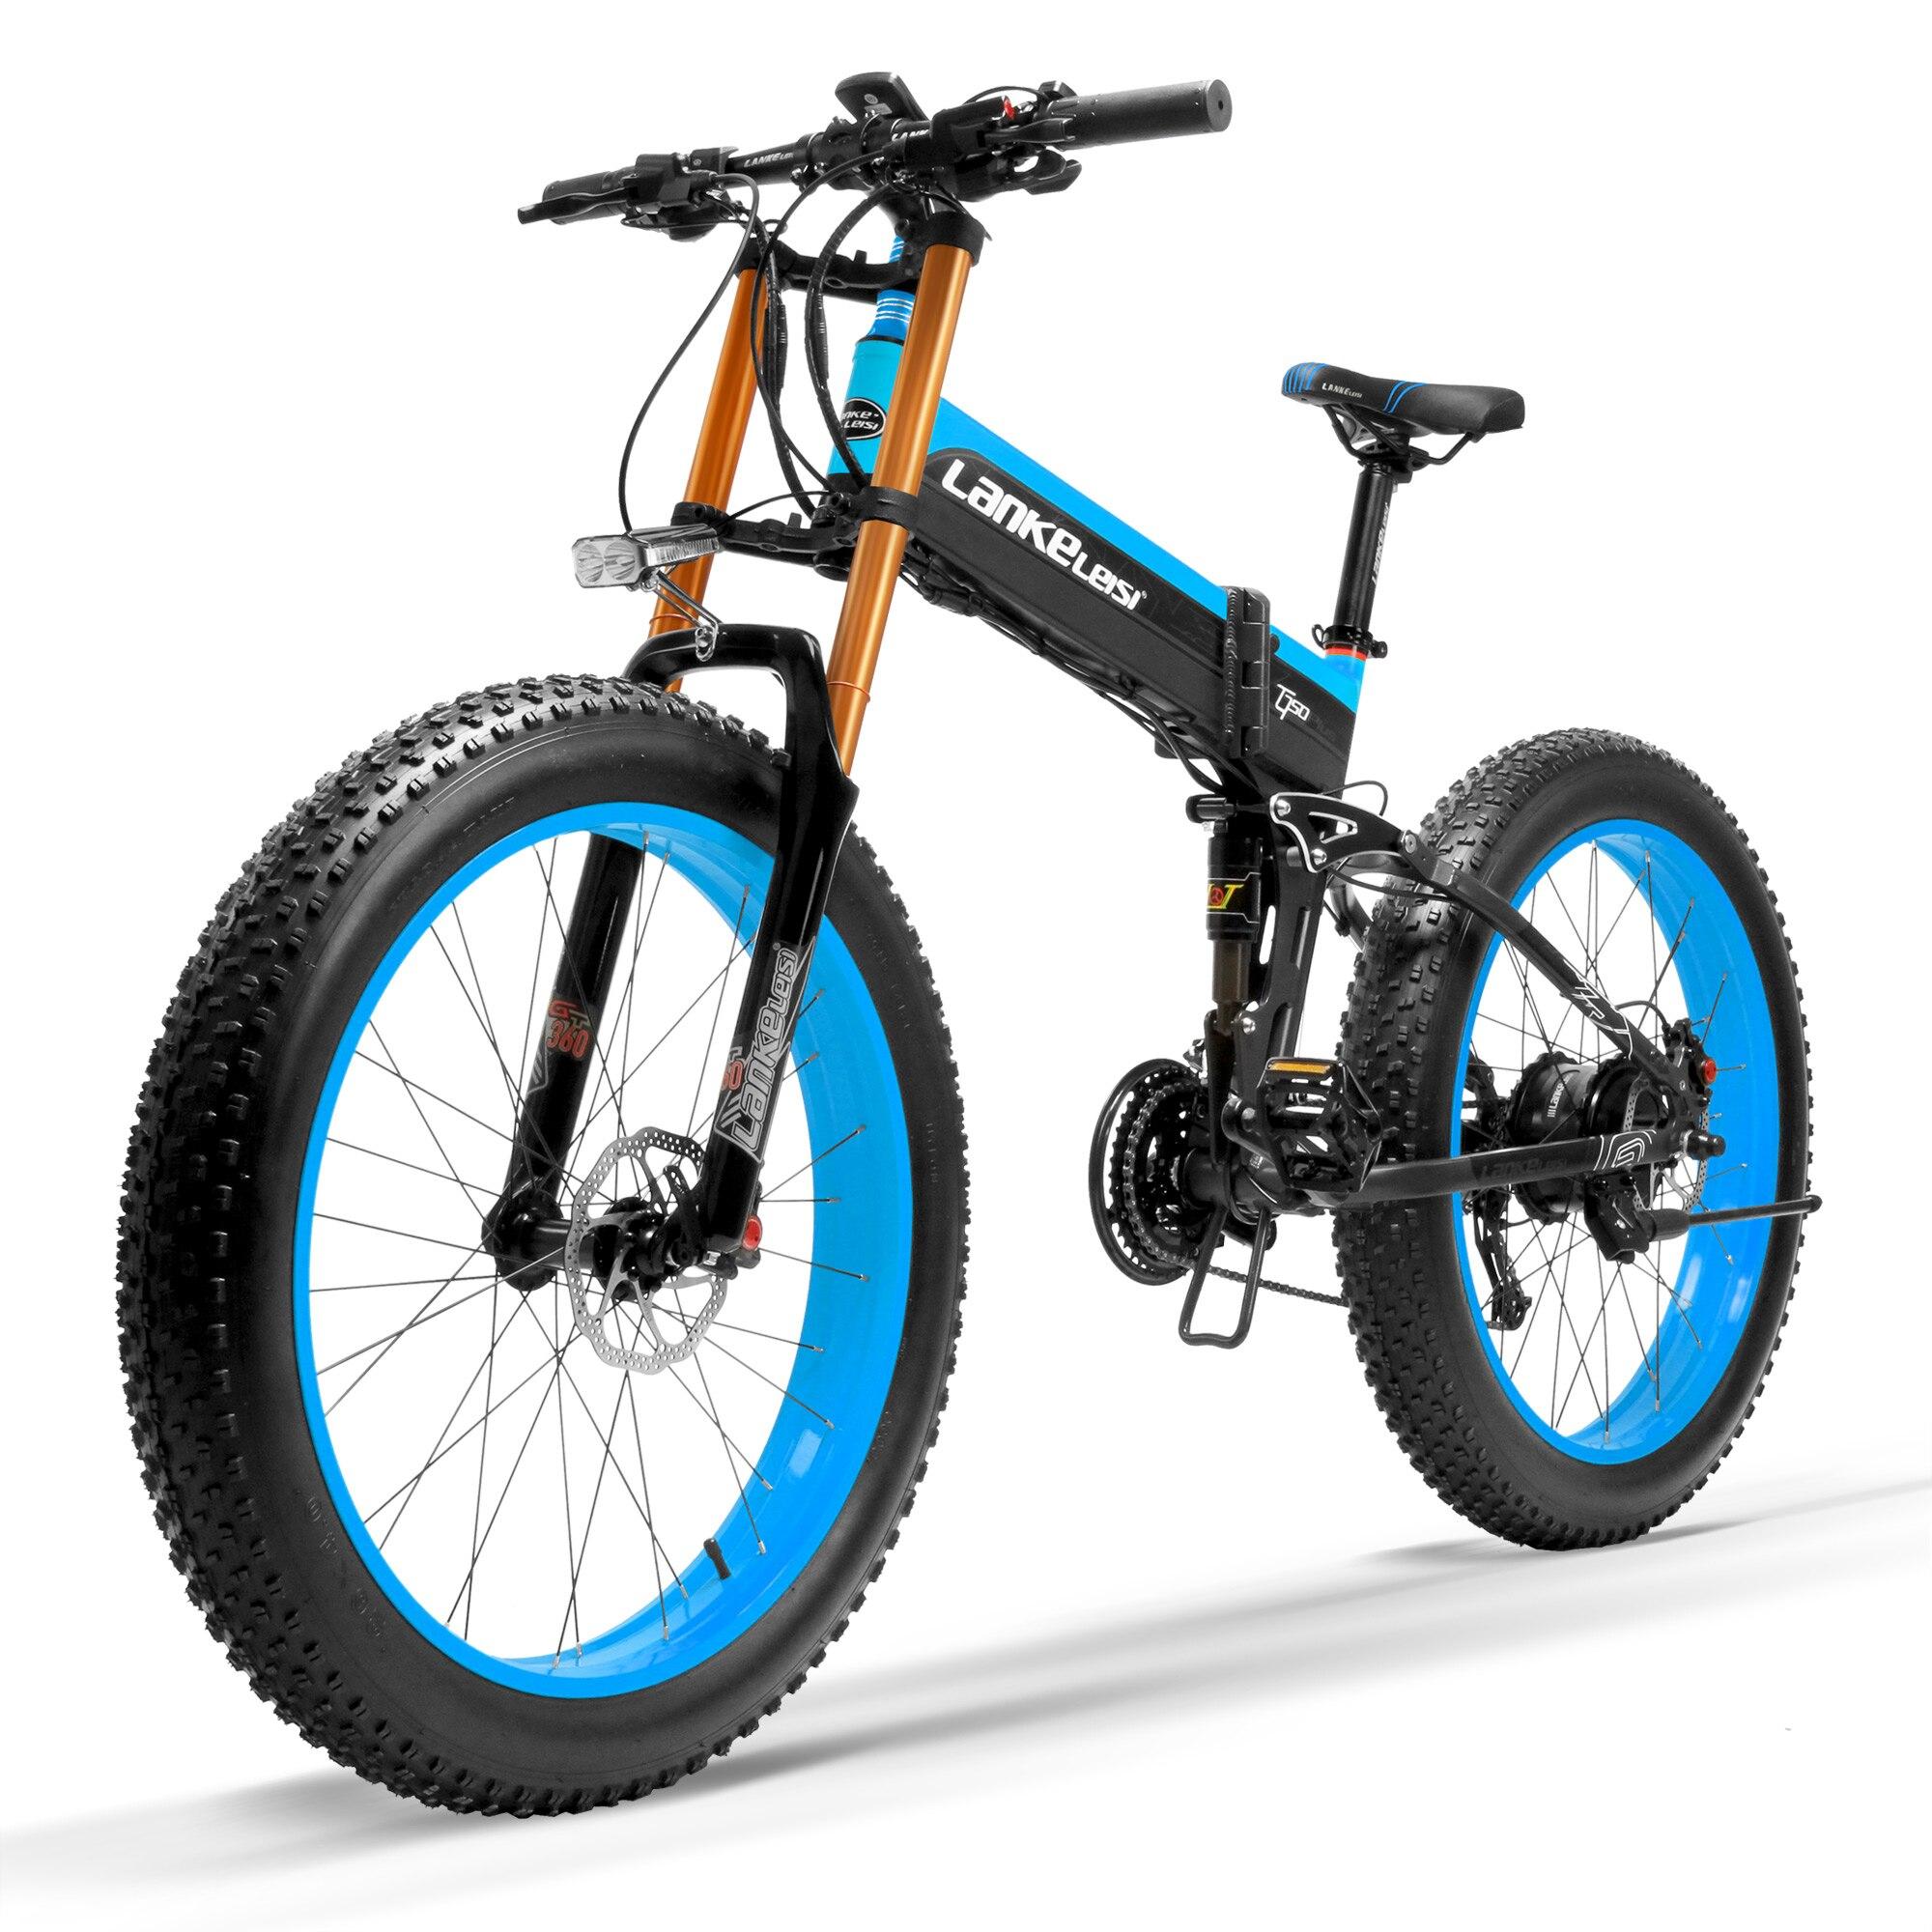 Bicicleta eléctrica plegable T750Plus, batería de iones de litio de 48V 10A/14.5A, potente Motor de 1000W Sensor de asistencia de Pedal de 5 niveles, horquilla mejorada